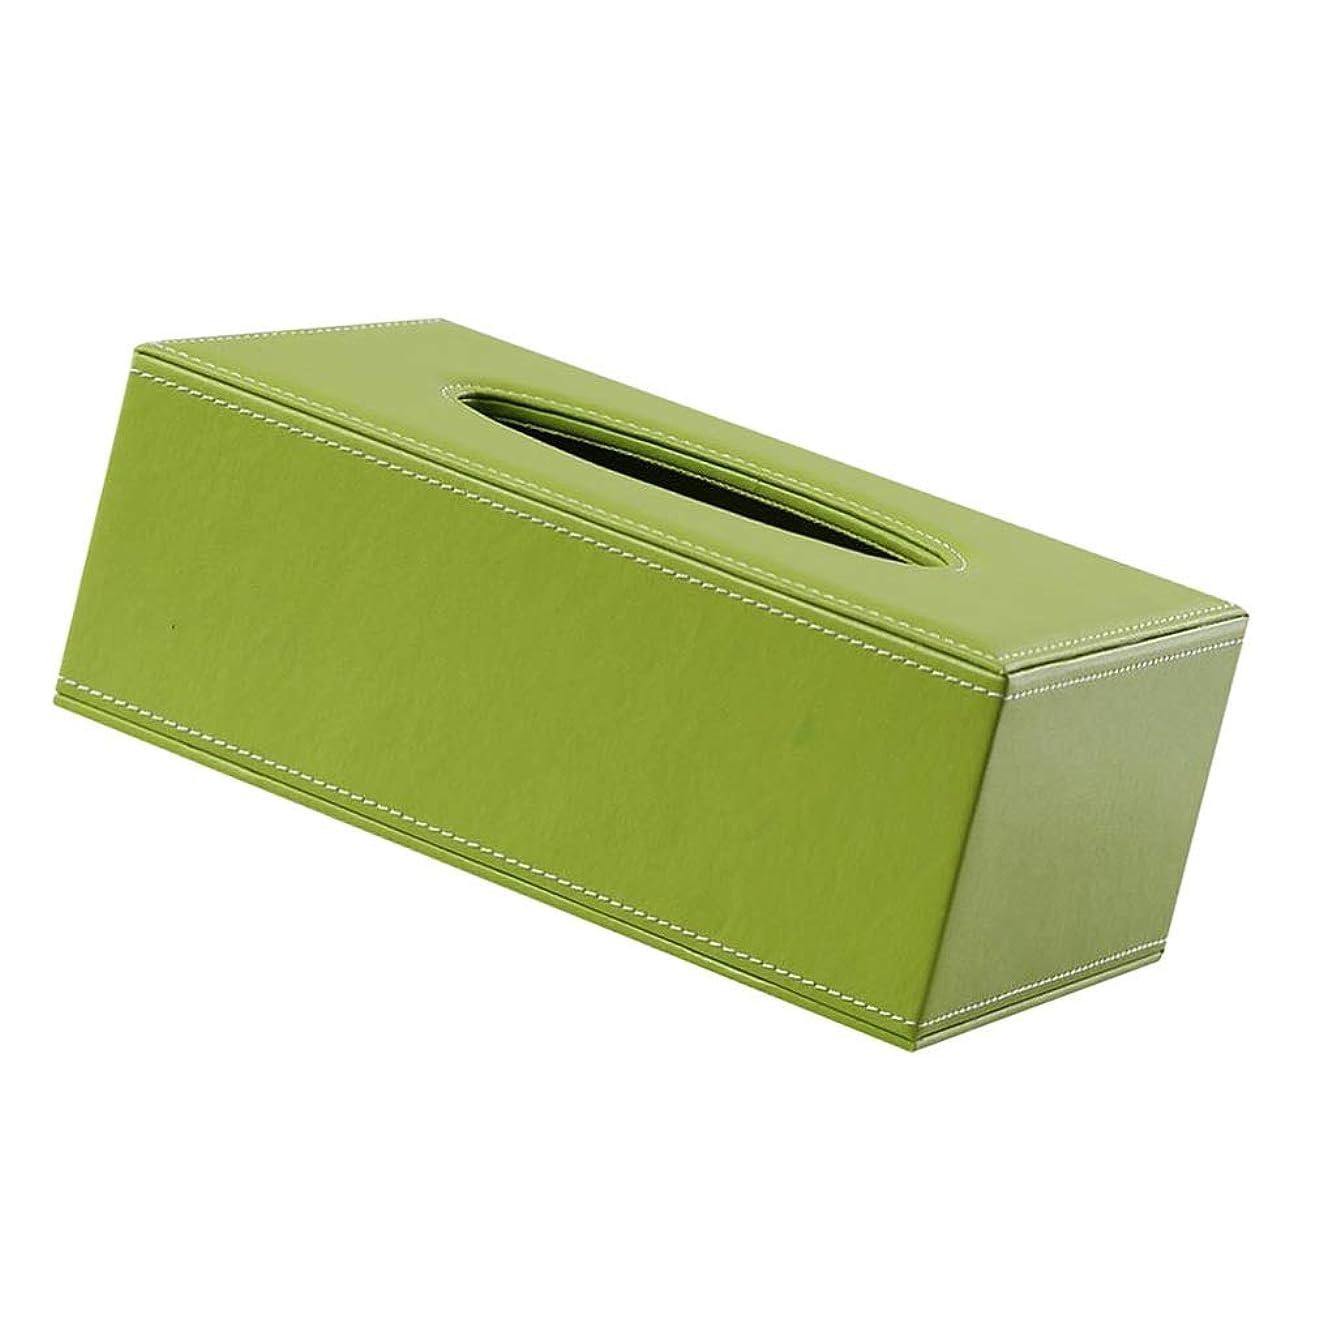 前件ギャング風邪をひくティッシュボックス キッチンバスルームラックナプキンボックスティッシュケースグリーンレザーディスペンサースタイリッシュなホームデコレーション